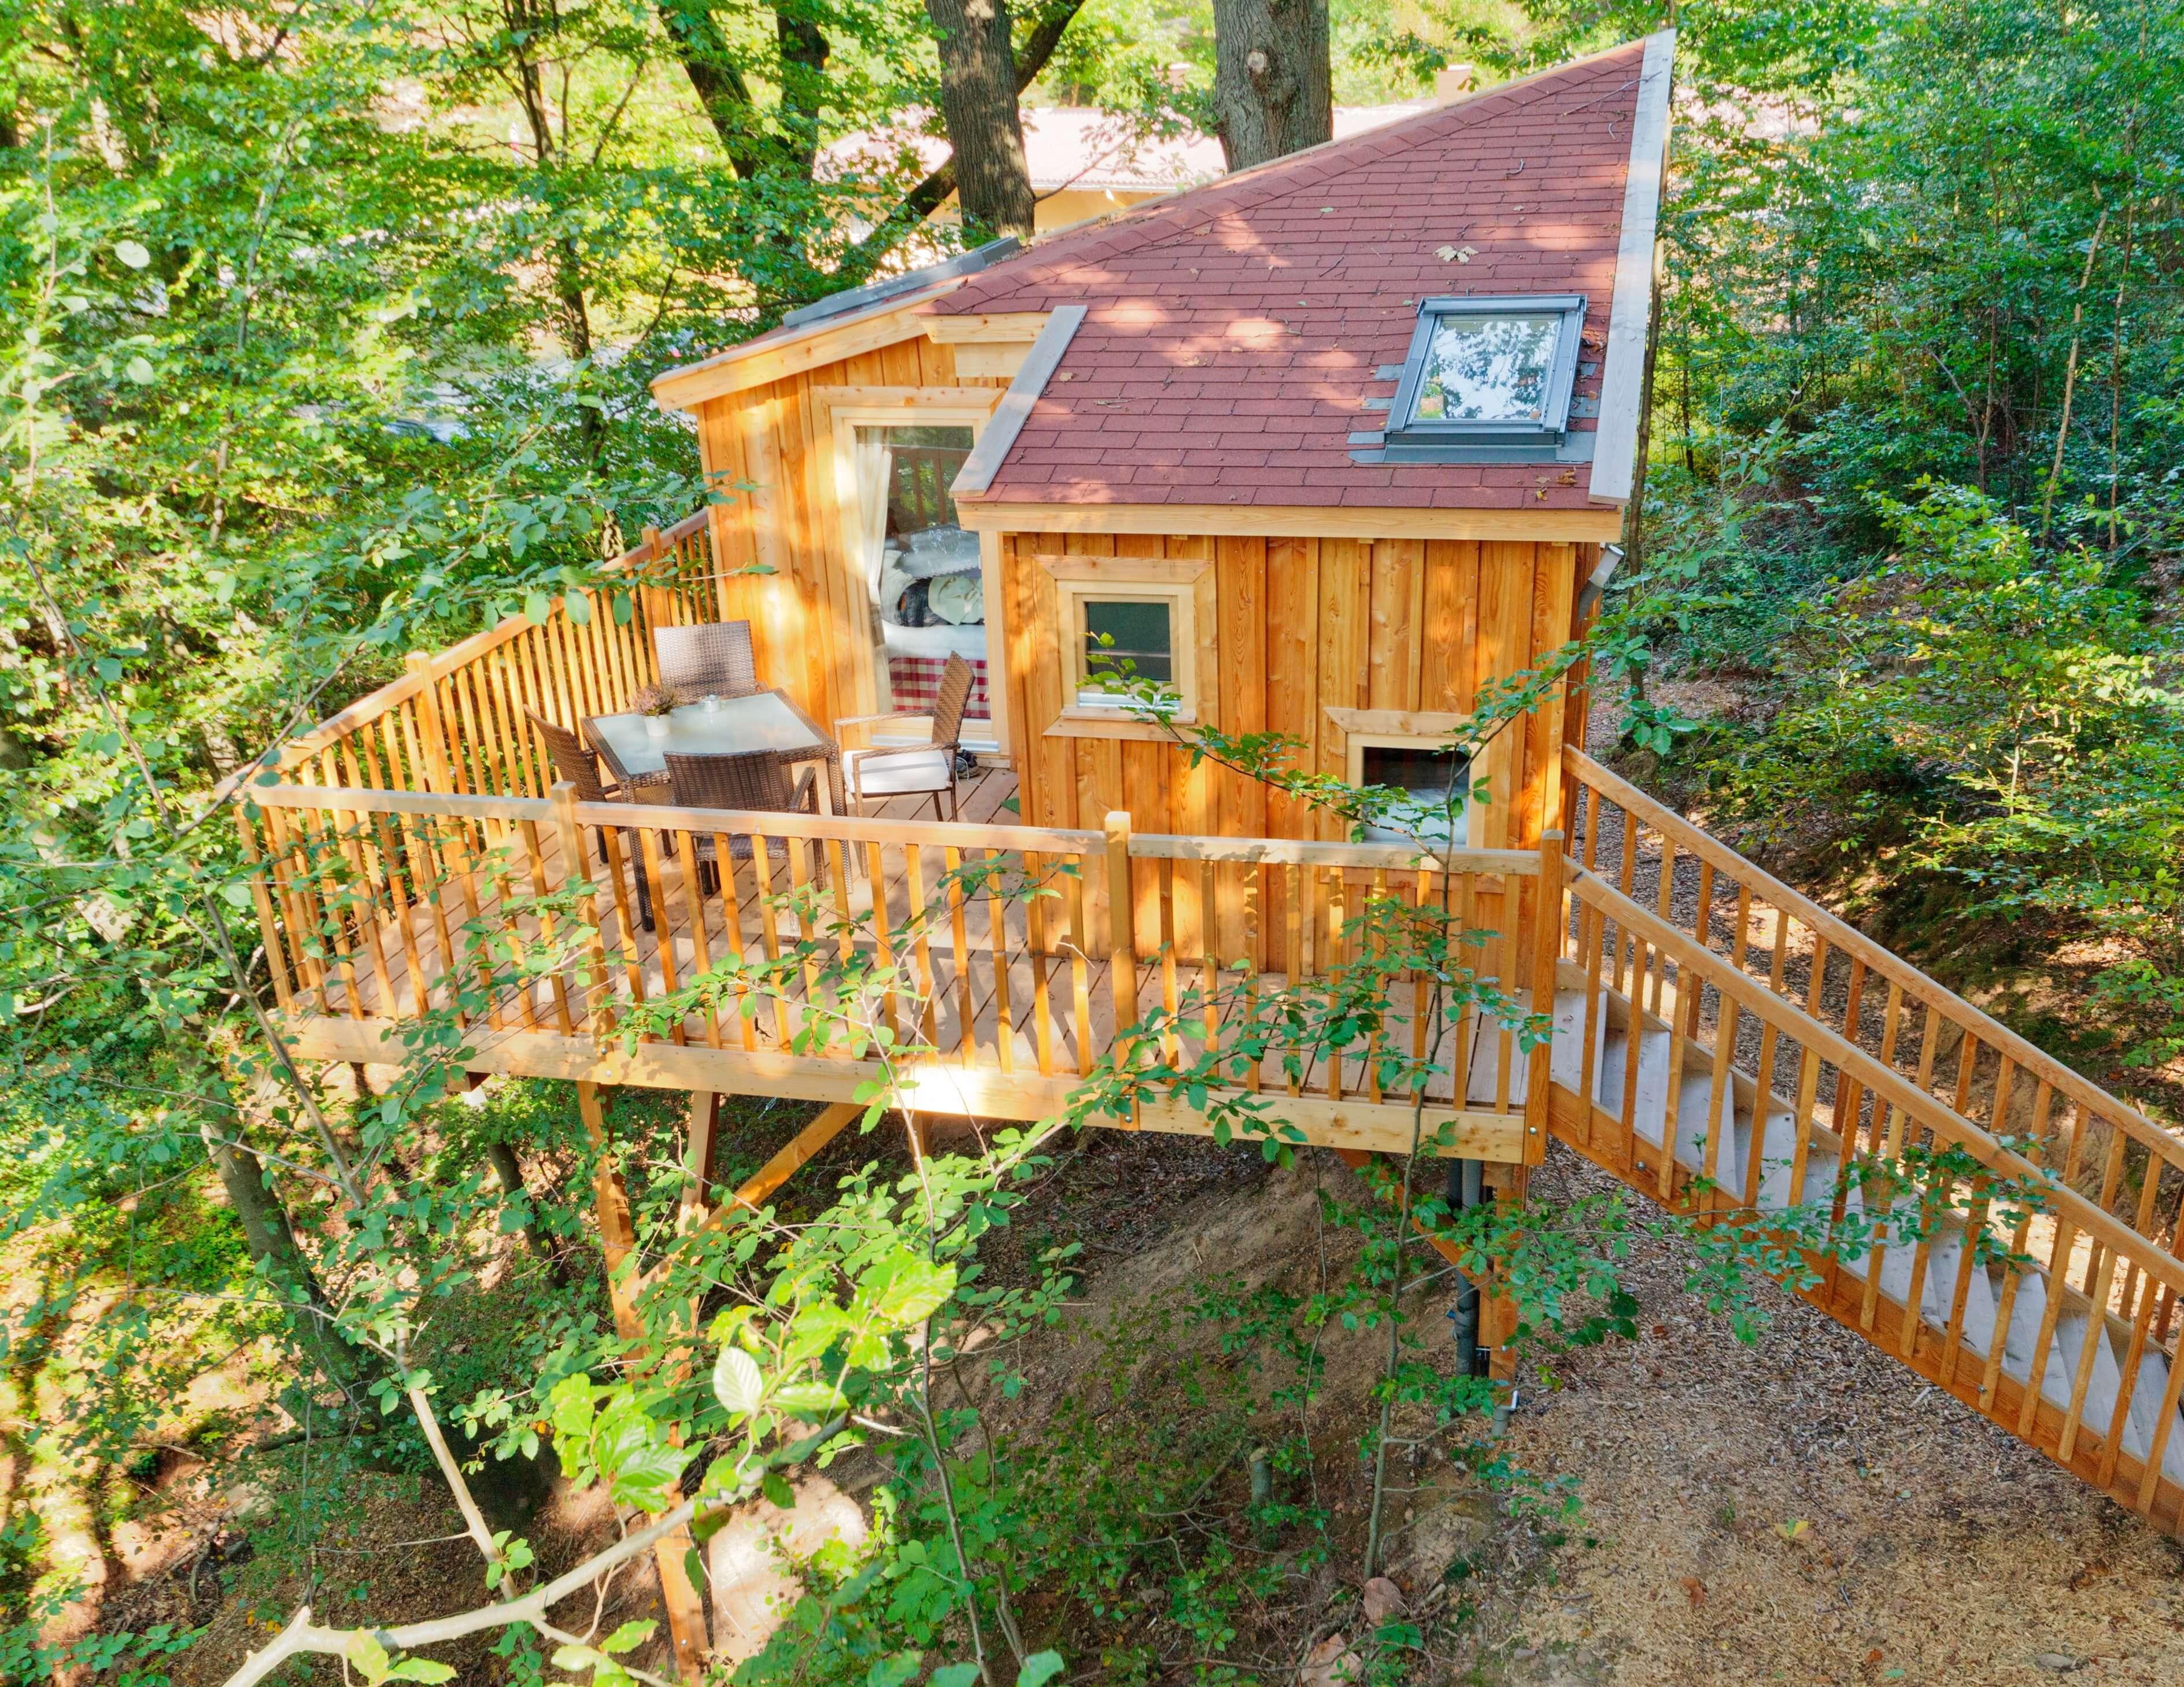 Mini-Abenteuer - Eine Nacht im Baumhaus